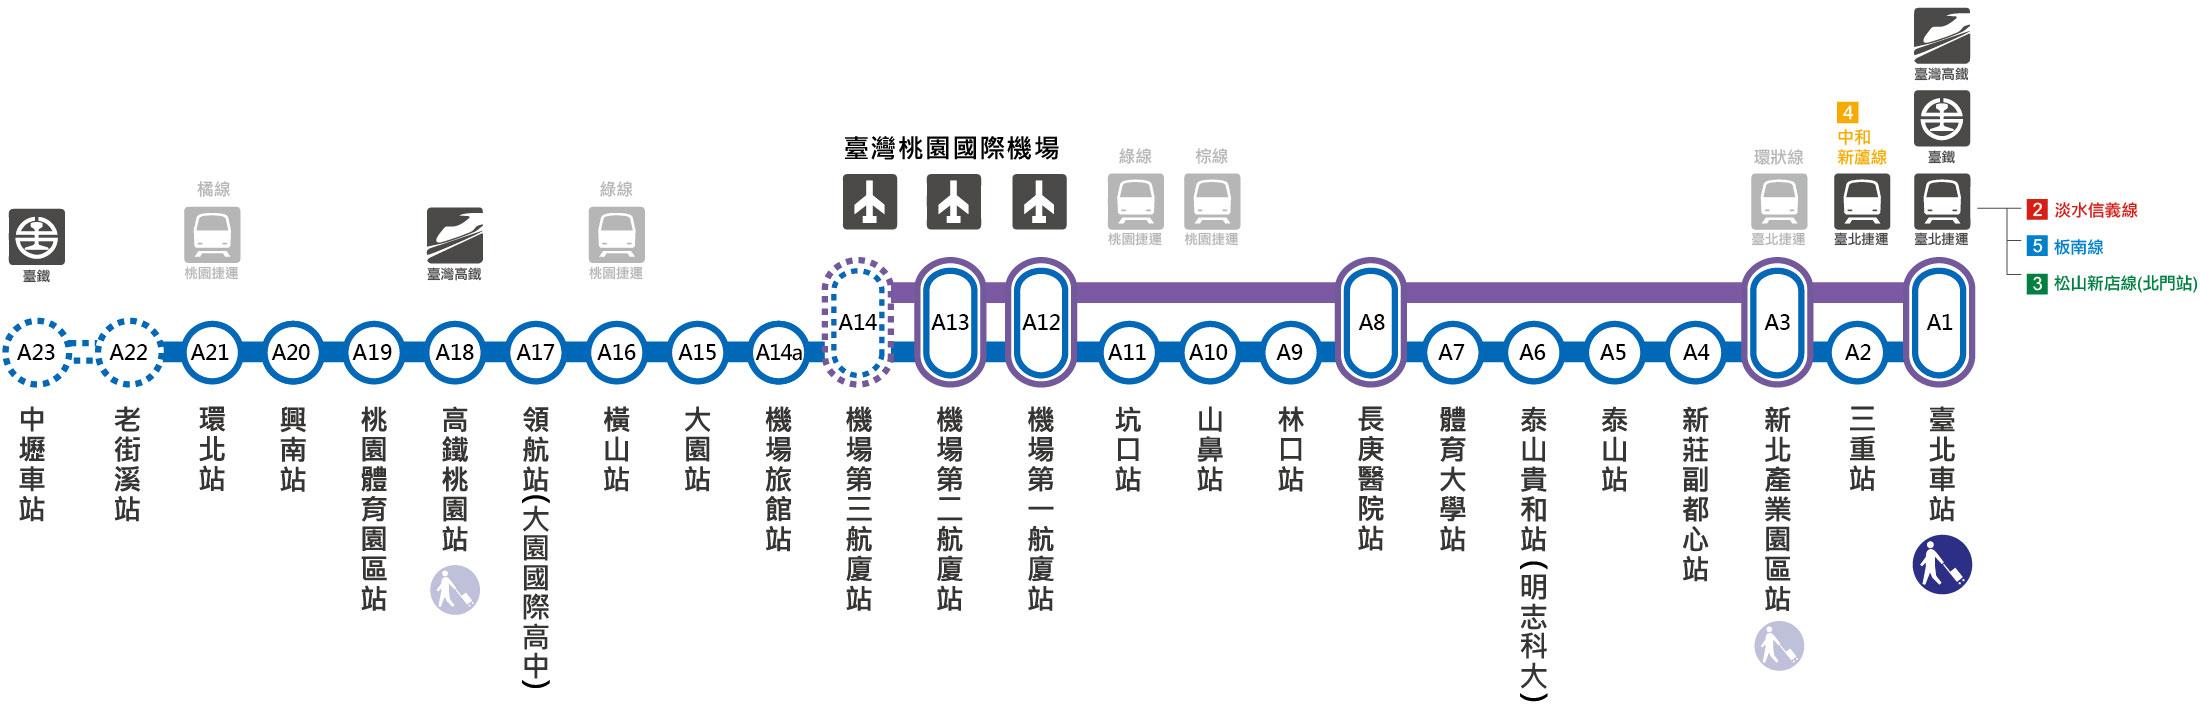 桃園機場捷運路線圖|合和國際 HohoAD